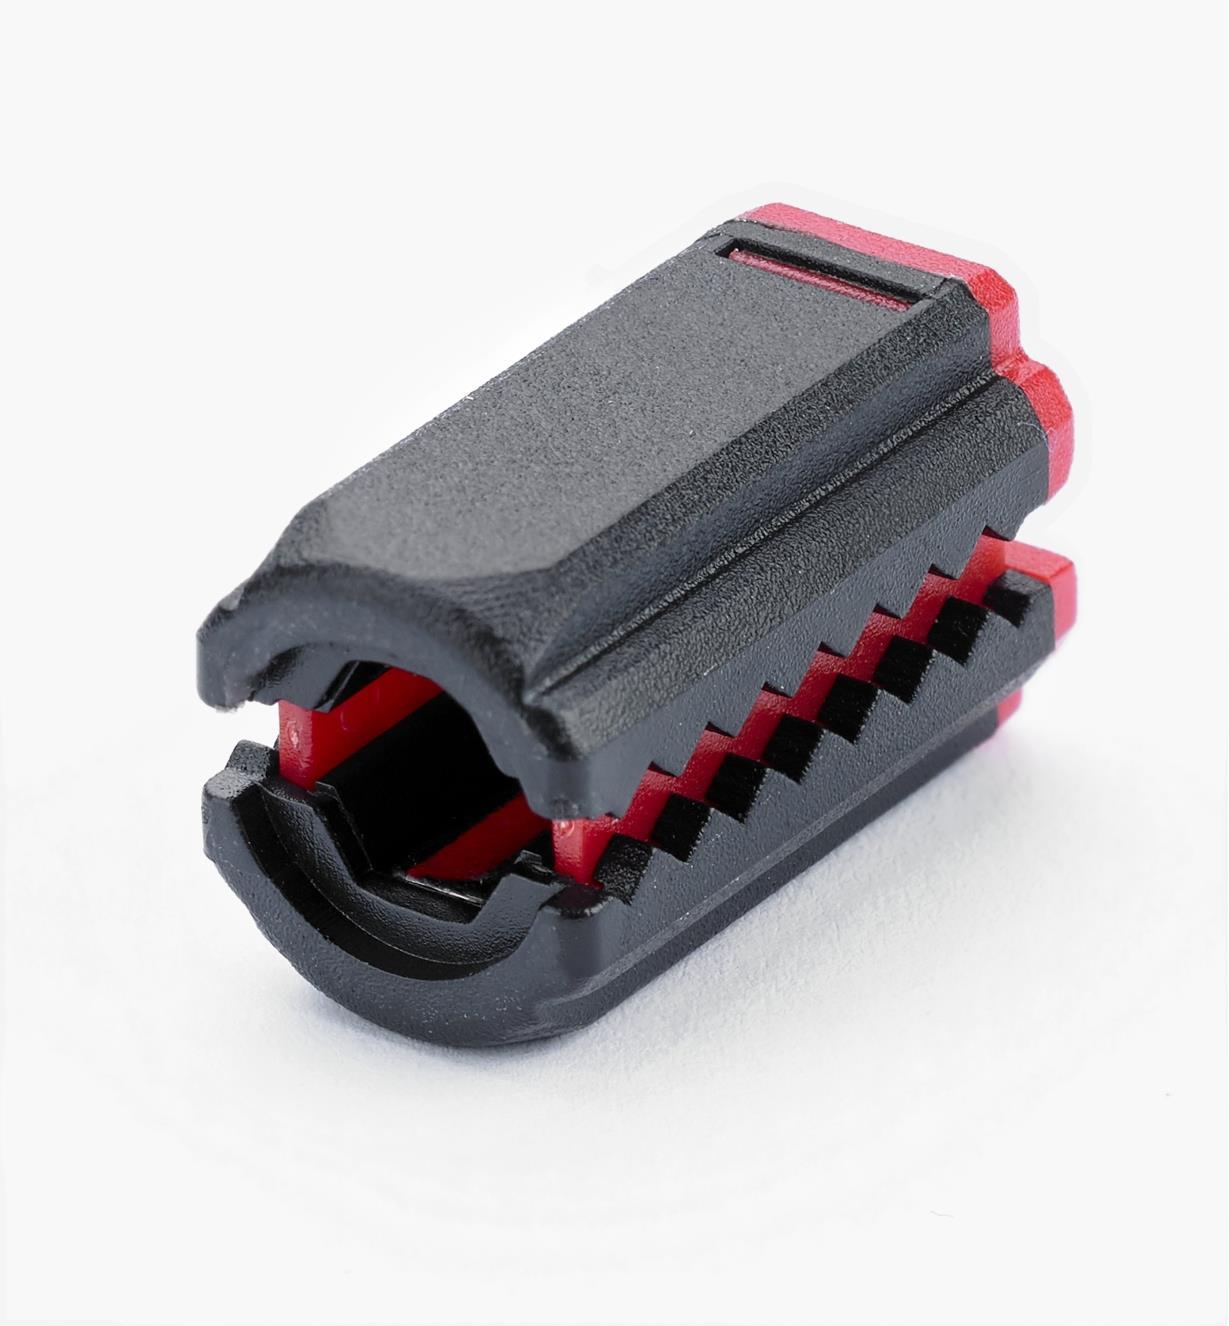 44K1250 - Magnétiseur-démagnétiseur pour tournevis